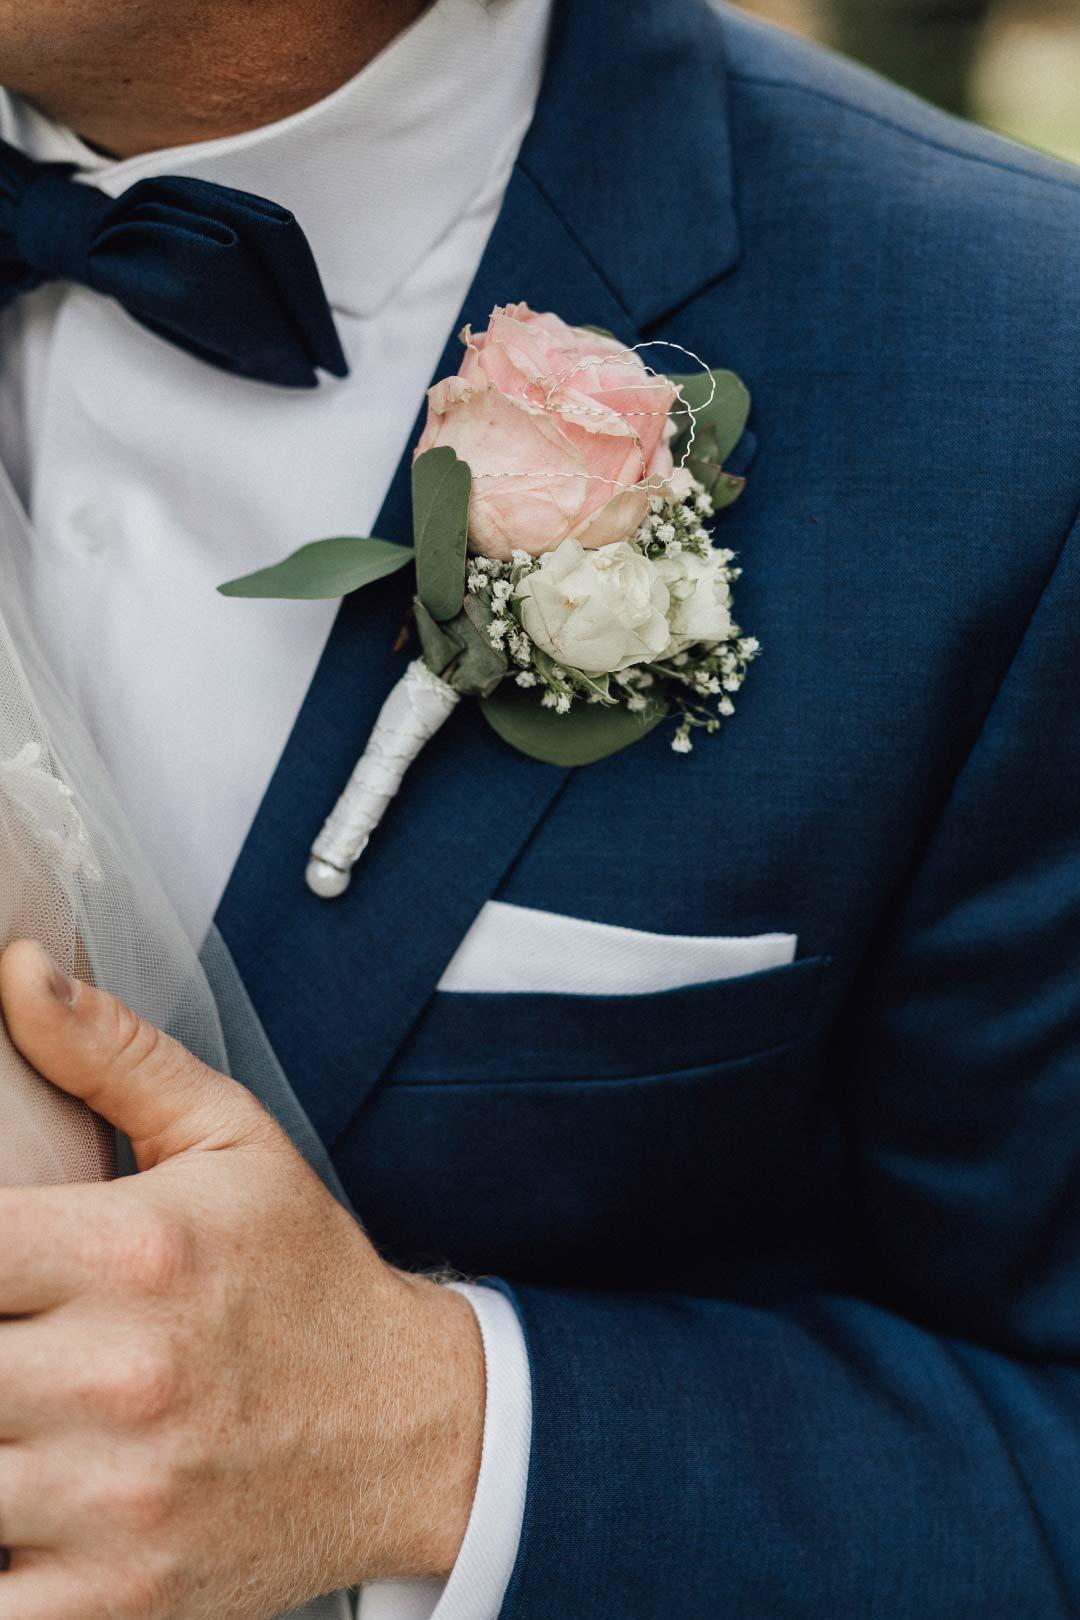 Ansteckblume für den Bräutigam mit einer großen Rose und etwas Schleierkraut